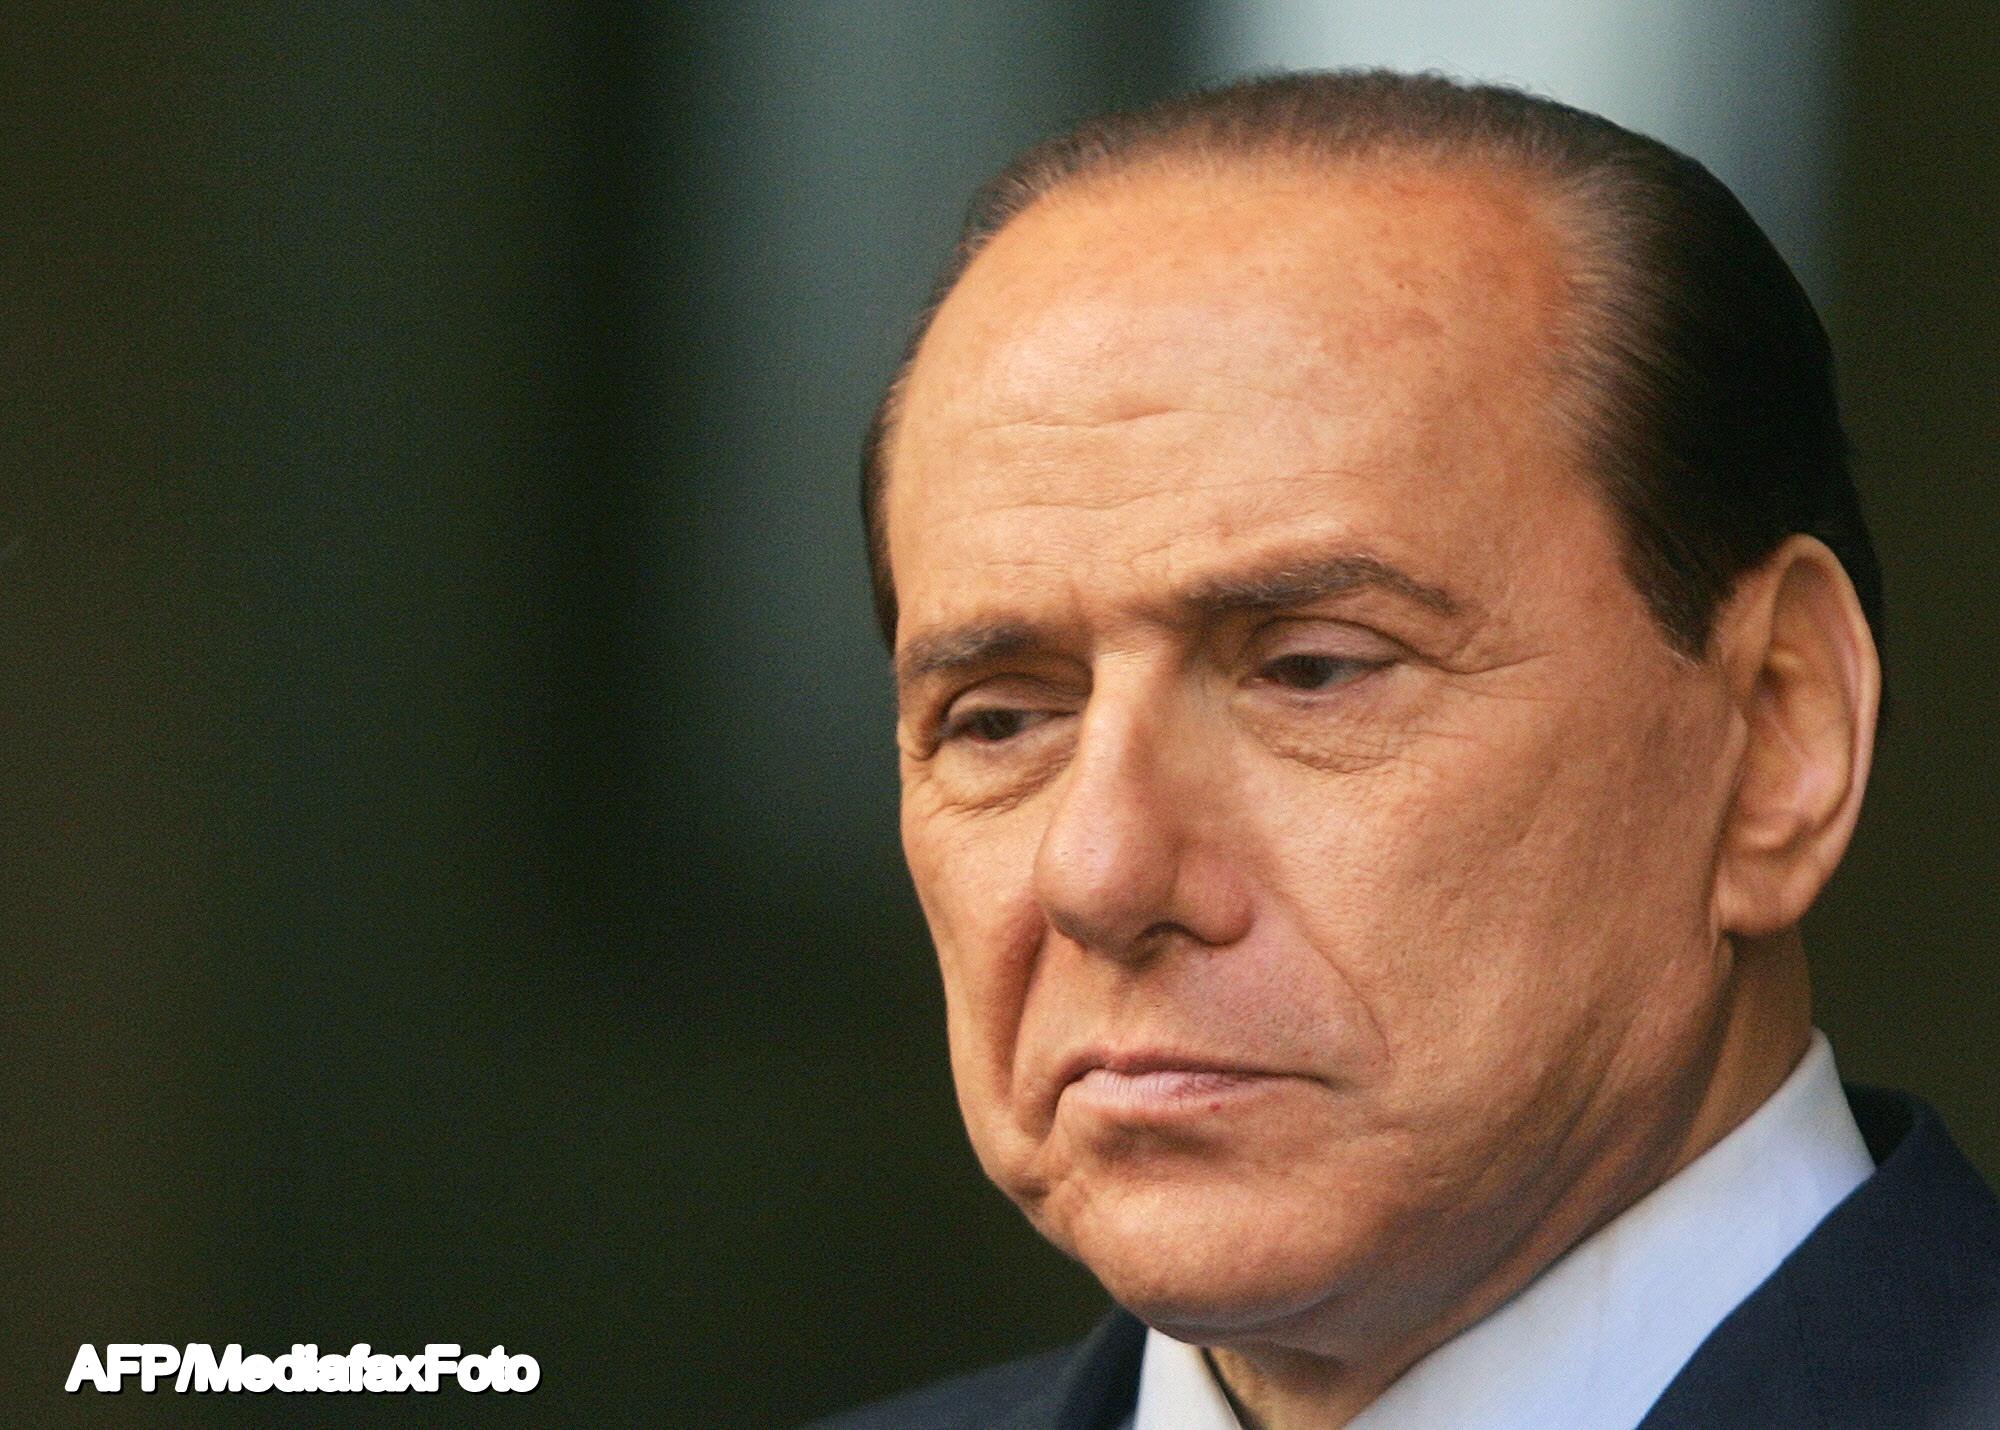 Silvio Berlusconi a fost exclus din Senatul italian, anunta cotidianul Corriere della Sera